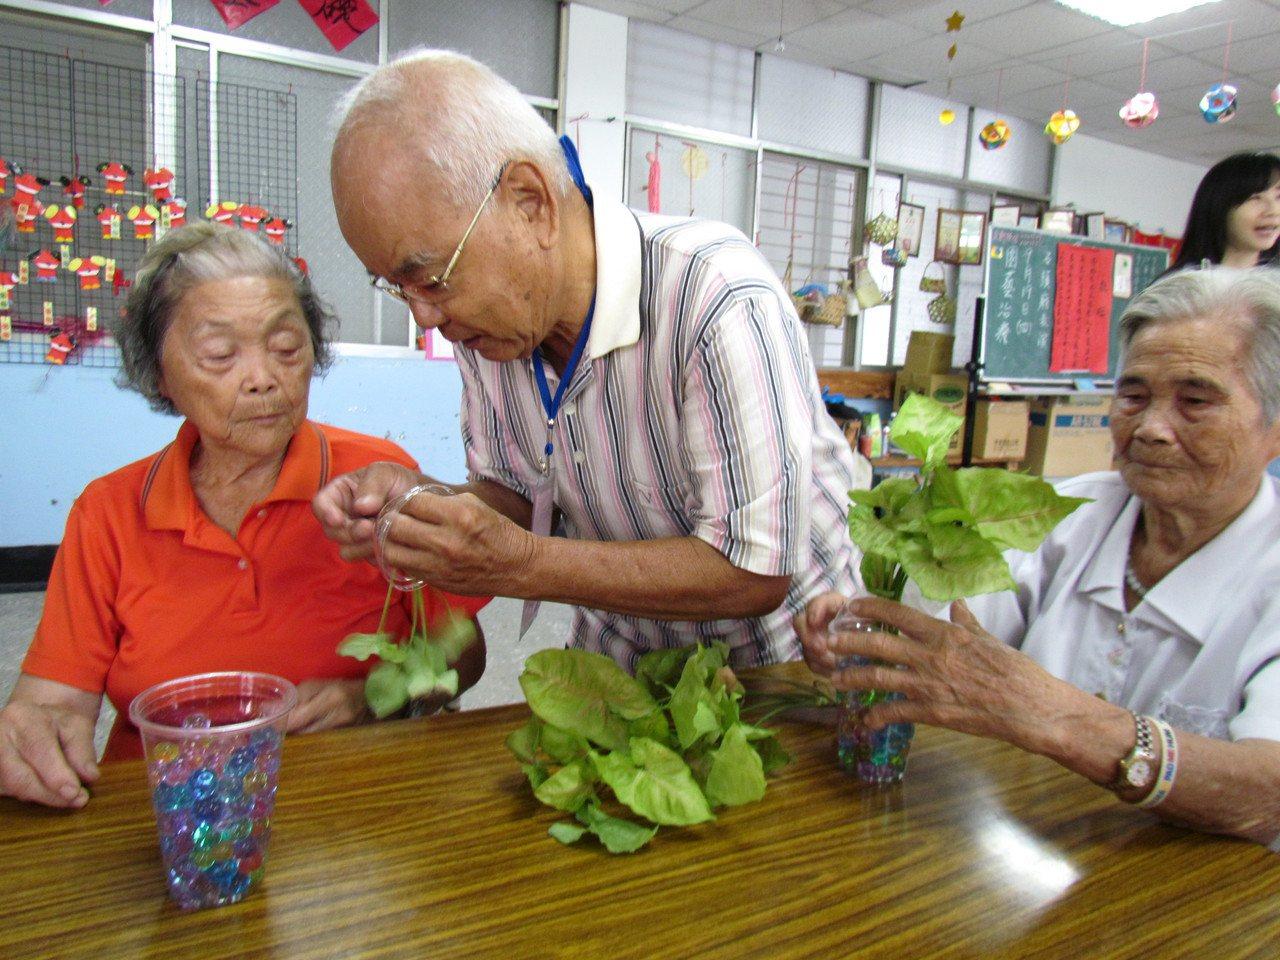 77歲學員蔡重信(中)退休後每天種菜過著田園生活,此次擔任助教教長輩們製作盆栽,...